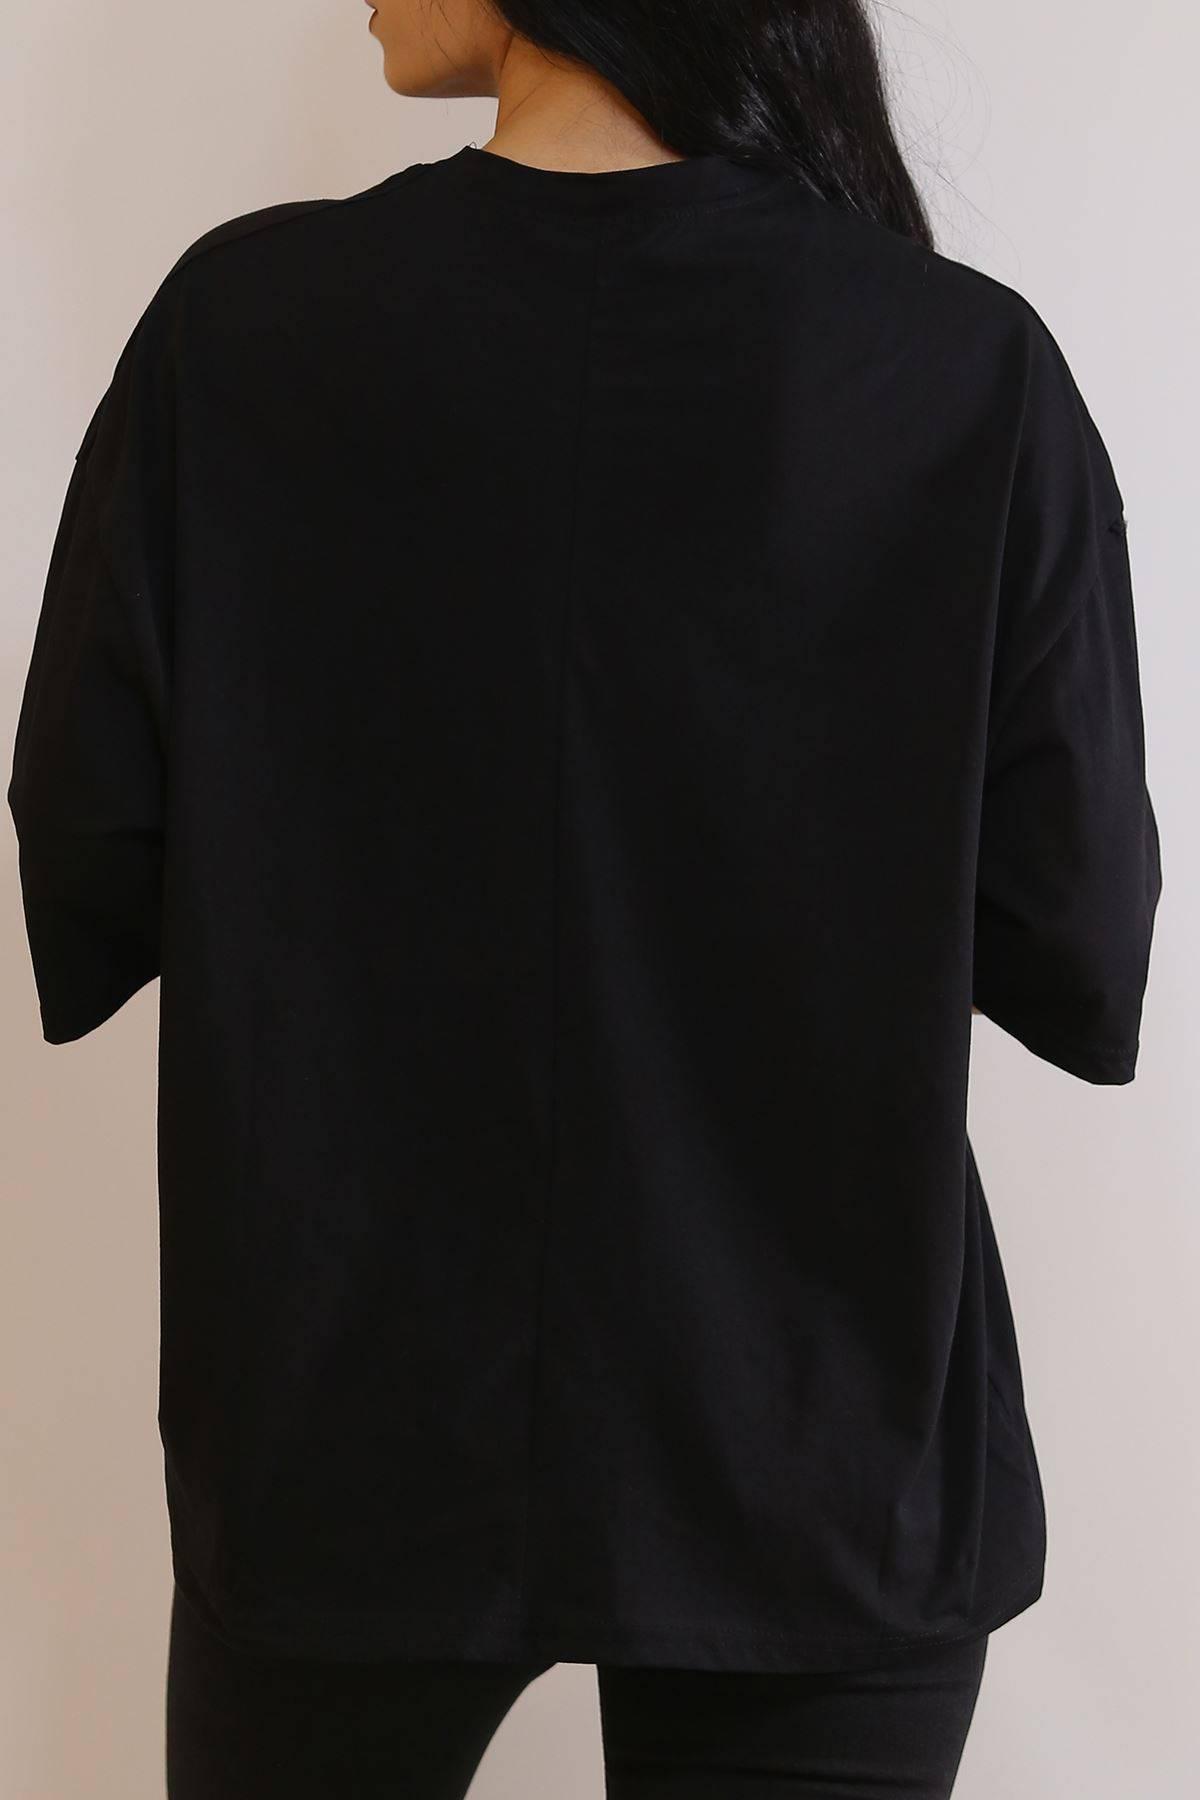 Baskılı Tişört Siyah - 6055.1377.